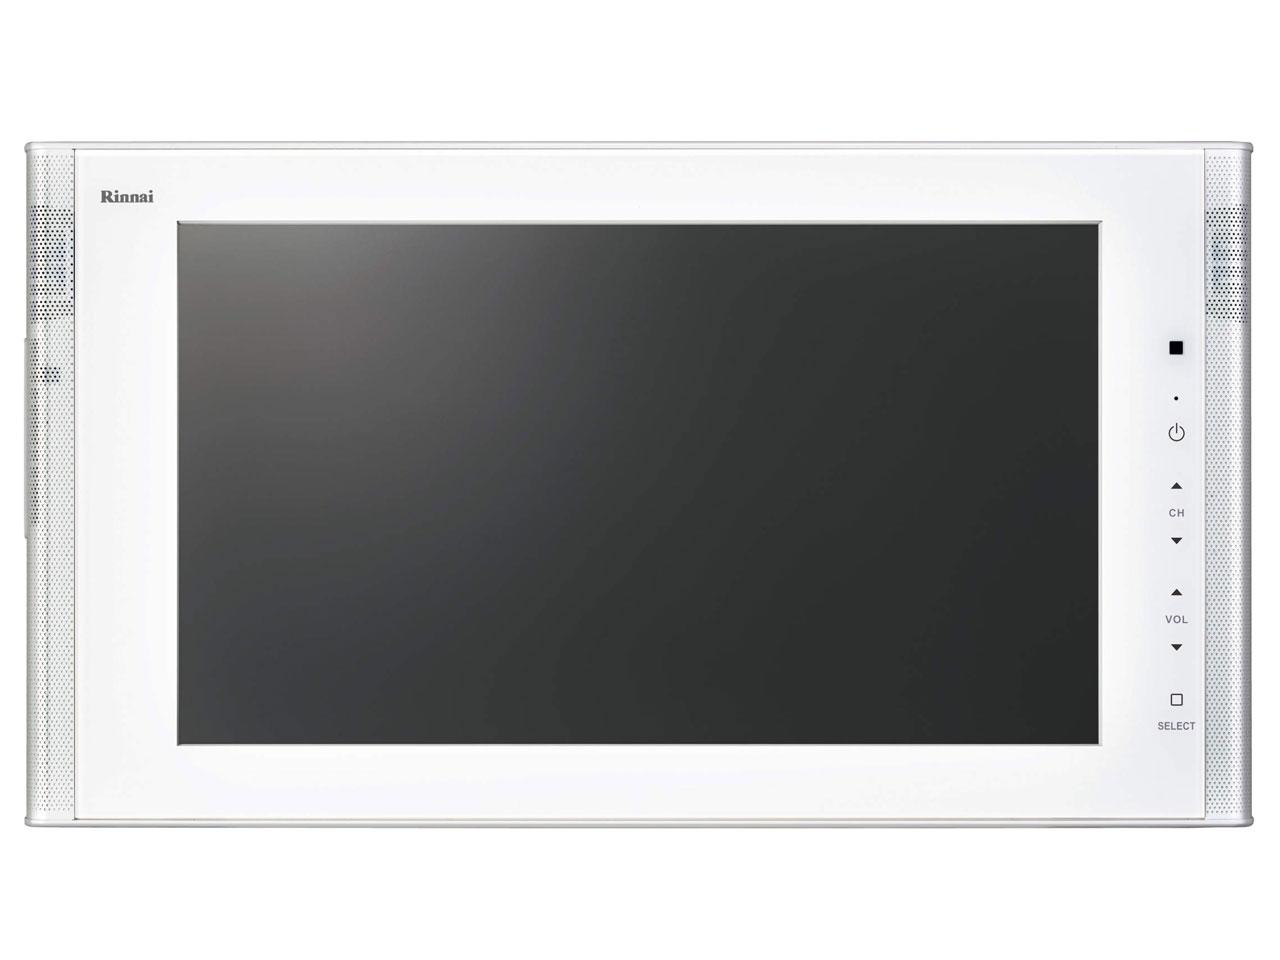 ★Rinnai / リンナイ DS-1600HV-W [ホワイト] 【携帯テレビ・ポータブルテレビ】【送料無料】